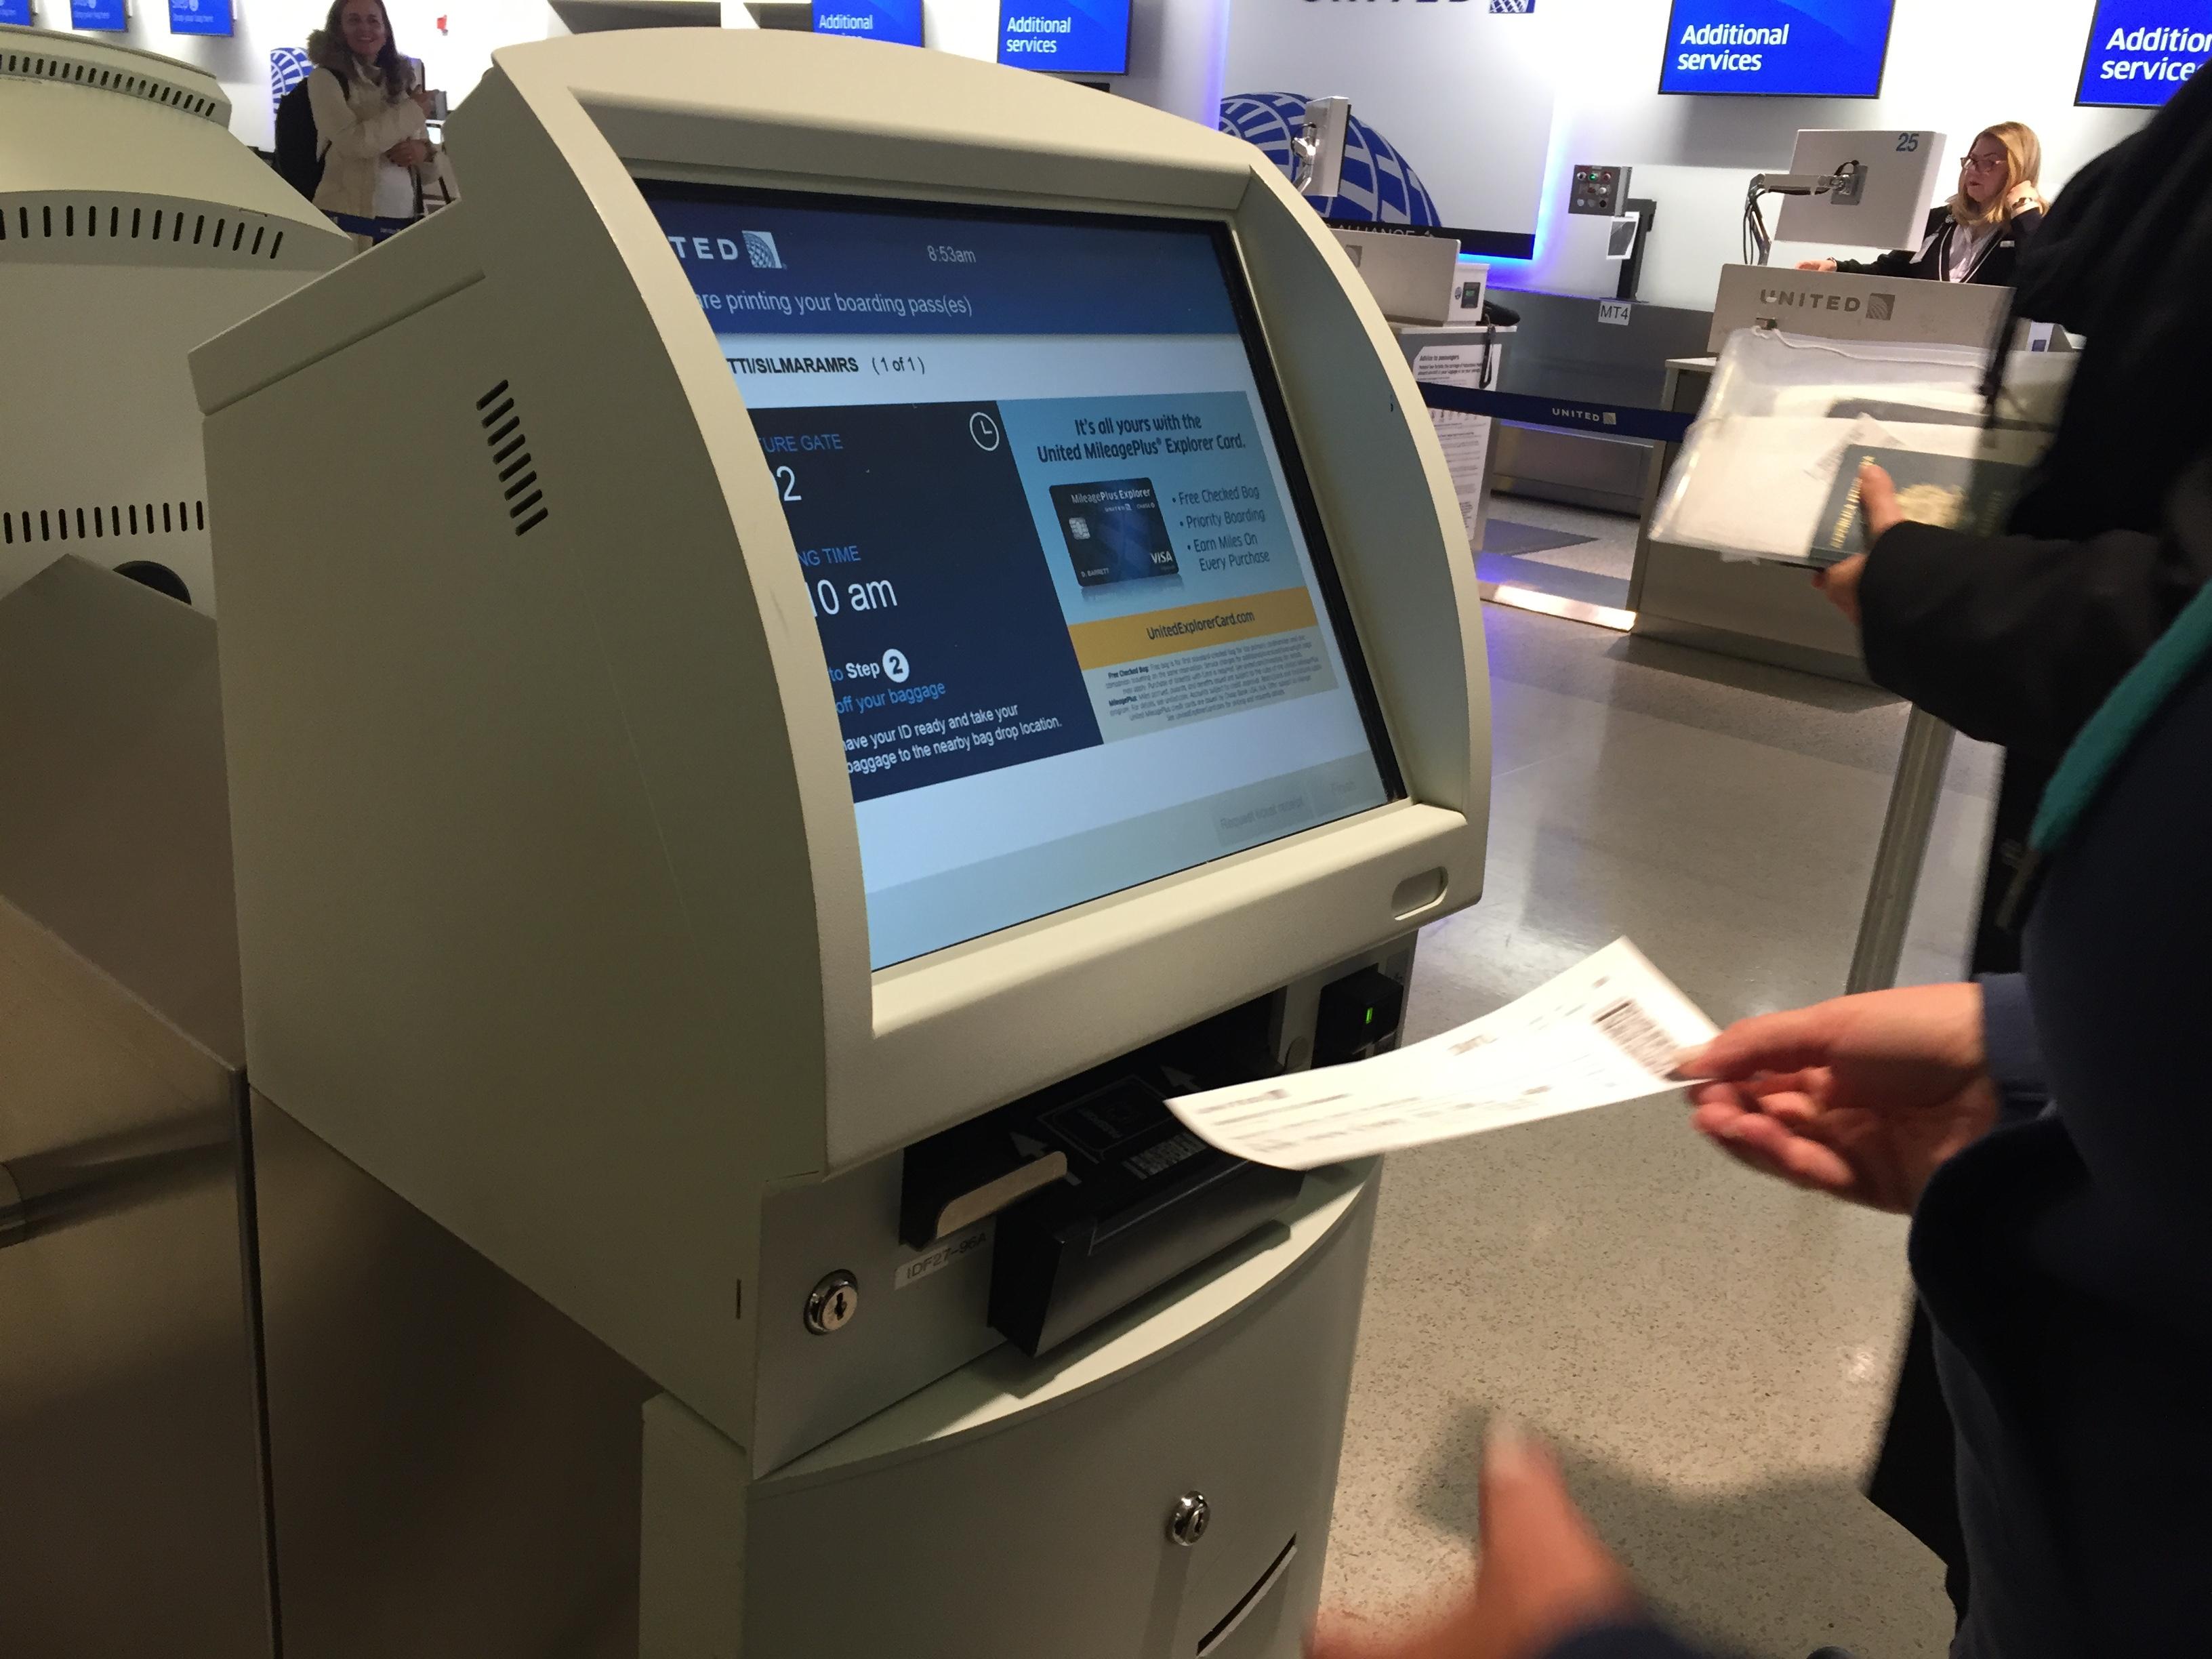 IMG 3577 - Haciendo el check in automático de United en Newark